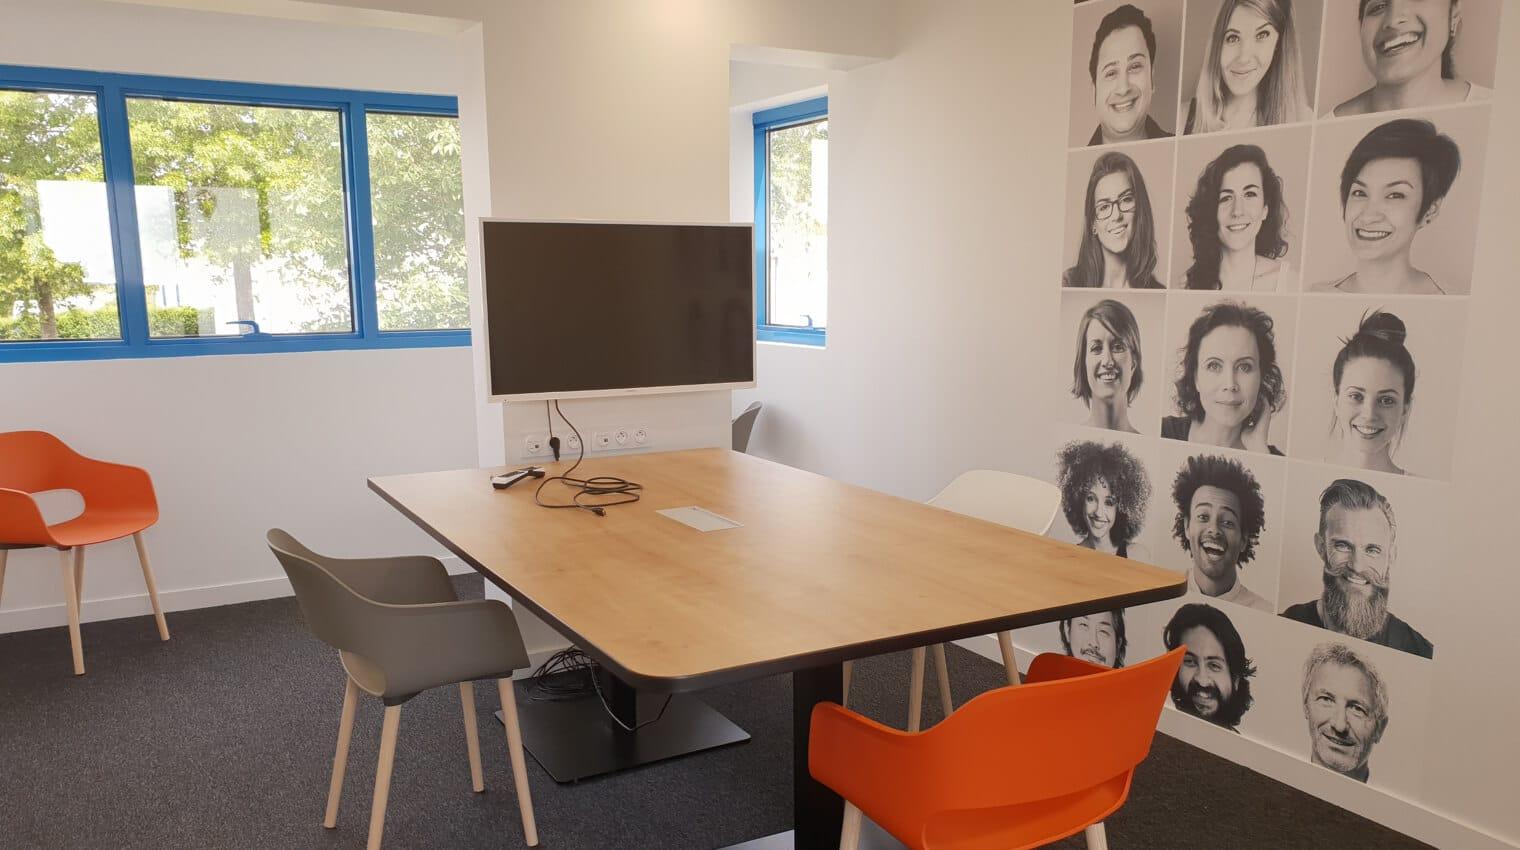 Un centre d'affaires tout équipé pour accueillir votre entreprise à Rennes.